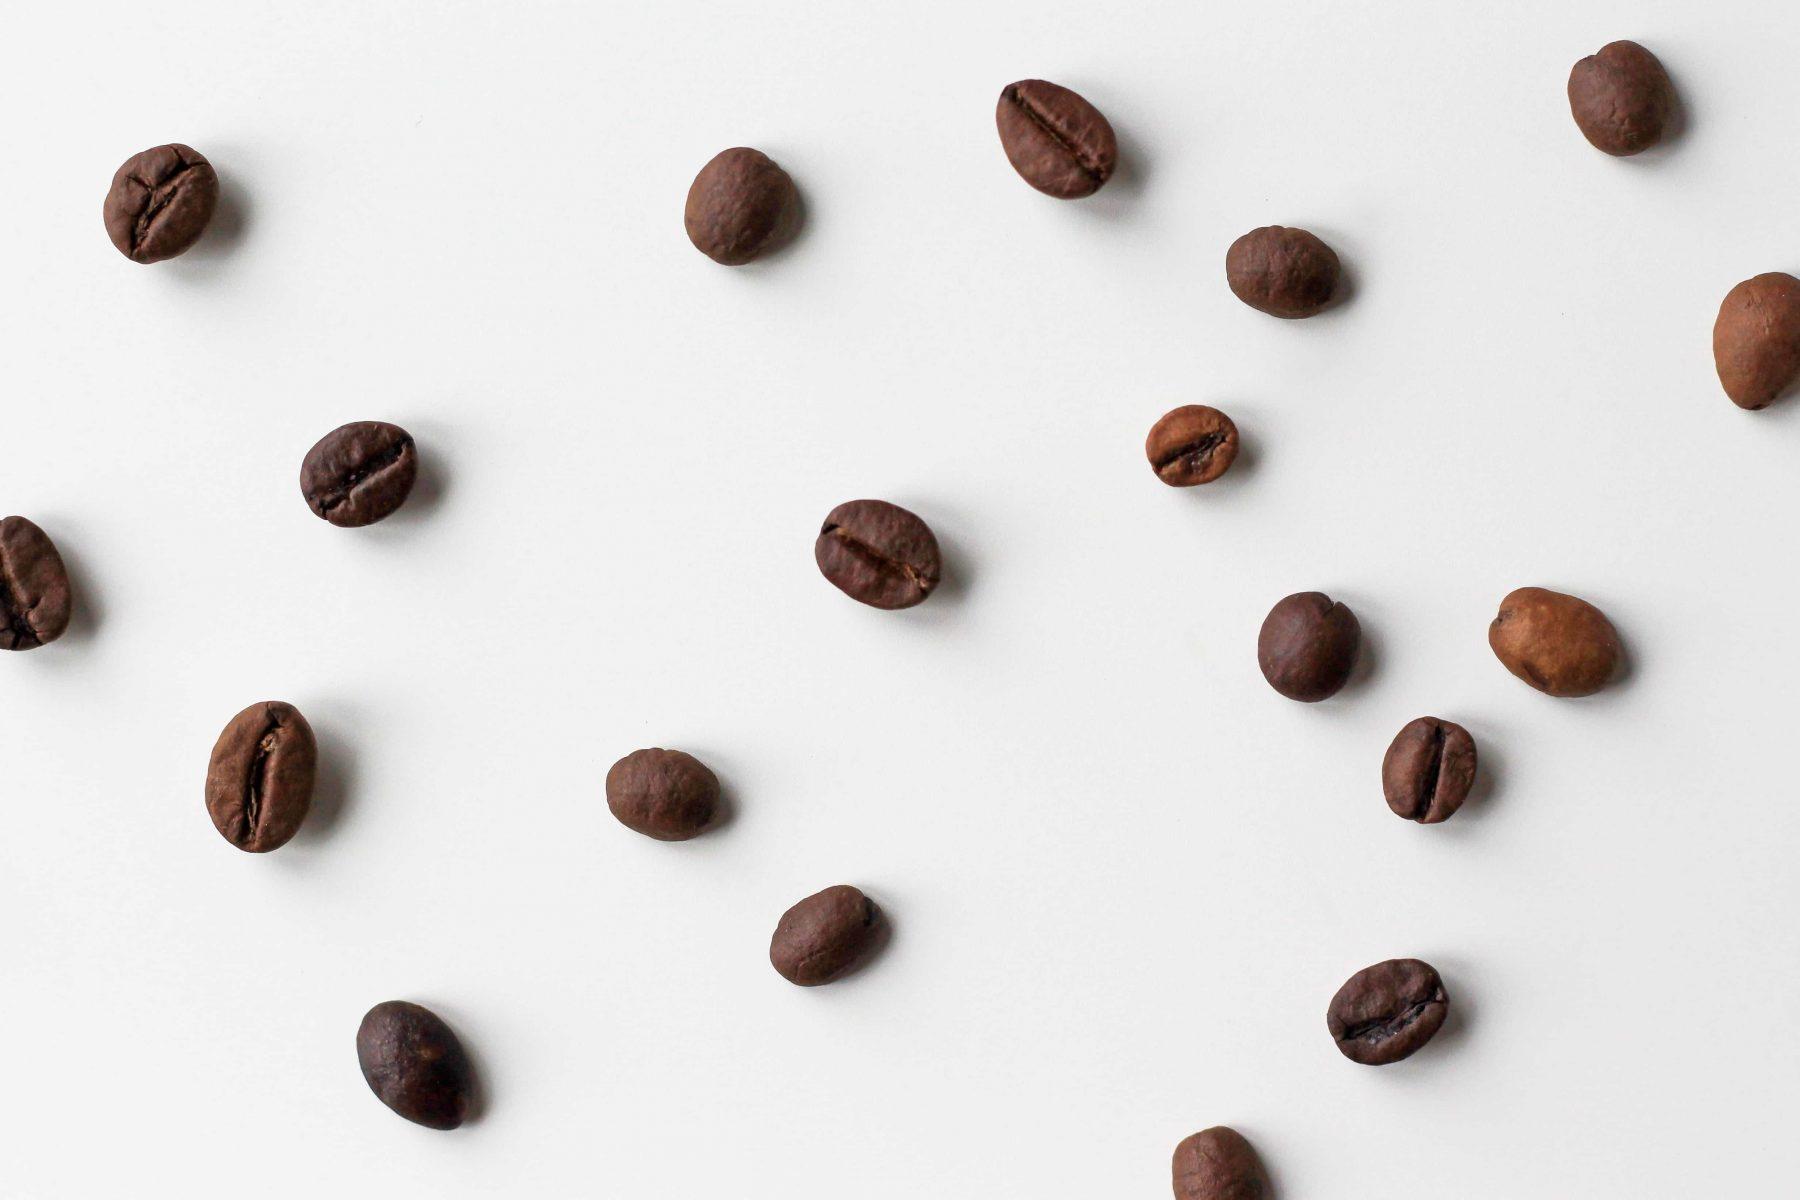 Integratori Caffeina | Proprietà, Benefici e Controindicazioni